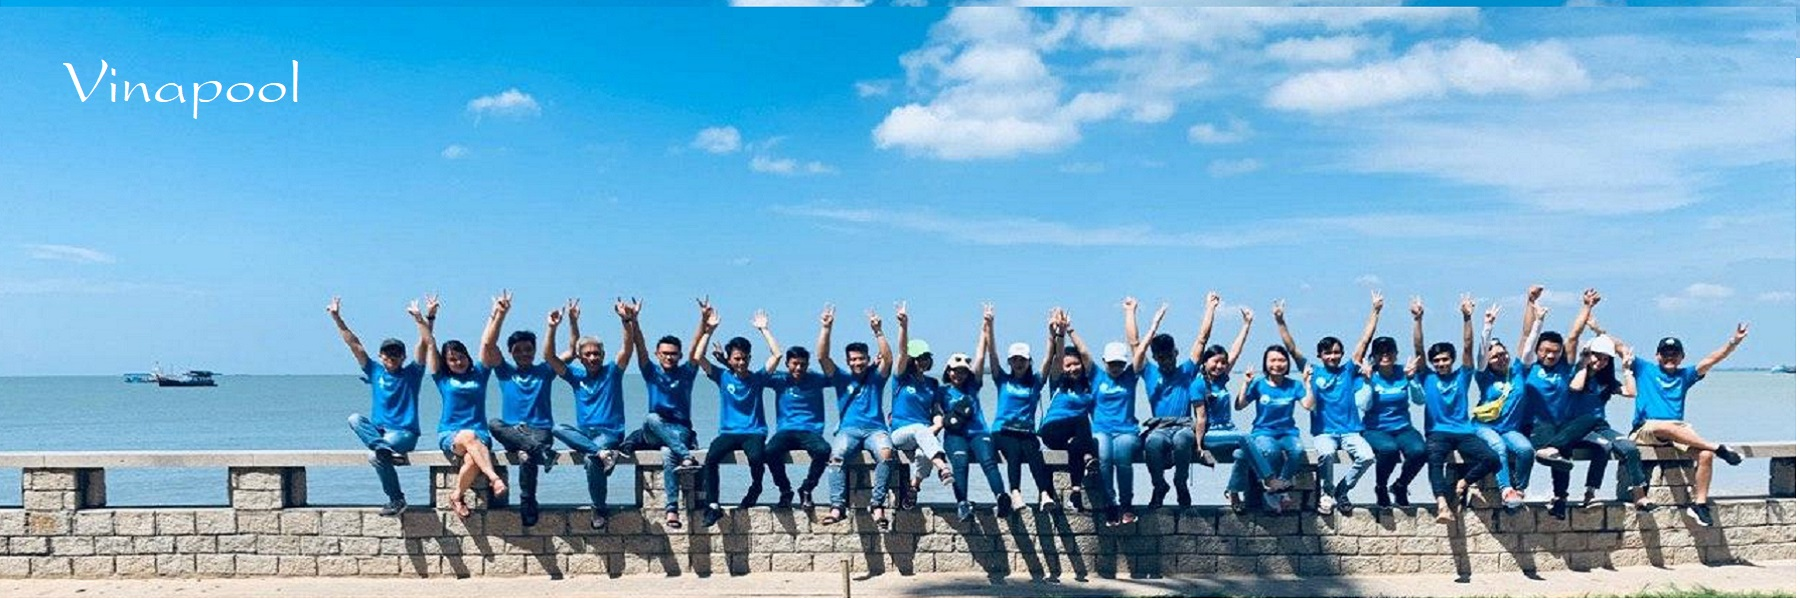 Vinapool team